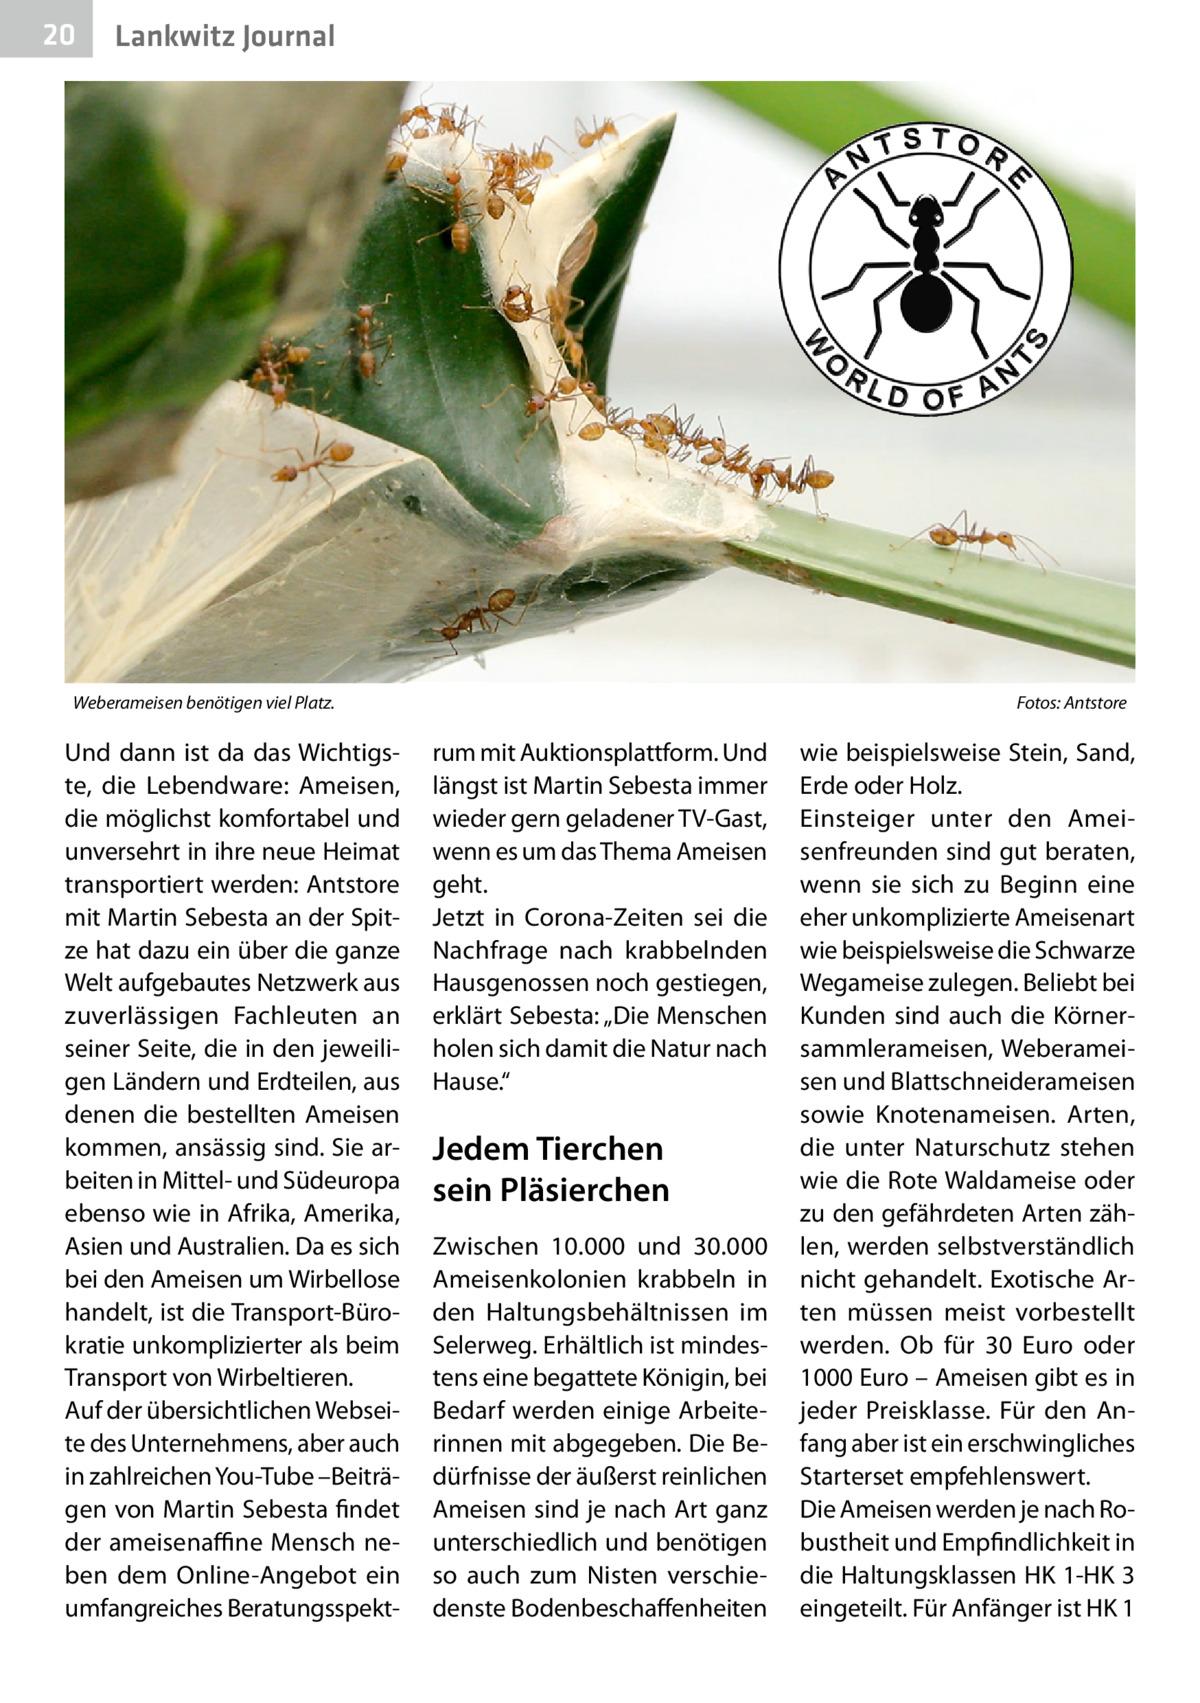 """20  Lankwitz Journal  Weberameisen benötigen viel Platz.�  Und dann ist da das Wichtigste, die Lebendware: Ameisen, die möglichst komfortabel und unversehrt in ihre neue Heimat transportiert werden: Antstore mit Martin Sebesta an der Spitze hat dazu ein über die ganze Welt aufgebautes Netzwerk aus zuverlässigen Fachleuten an seiner Seite, die in den jeweiligen Ländern und Erdteilen, aus denen die bestellten Ameisen kommen, ansässig sind. Sie arbeiten in Mittel- und Südeuropa ebenso wie in Afrika, Amerika, Asien und Australien. Da es sich bei den Ameisen um Wirbellose handelt, ist die Transport-Bürokratie unkomplizierter als beim Transport von Wirbeltieren. Auf der übersichtlichen Webseite des Unternehmens, aber auch in zahlreichen You-Tube –Beiträgen von Martin Sebesta findet der ameisenaffine Mensch neben dem Online-Angebot ein umfangreiches Beratungsspekt Fotos: Antstore  rum mit Auktionsplattform. Und längst ist Martin Sebesta immer wieder gern geladener TV-Gast, wenn es um das Thema Ameisen geht. Jetzt in Corona-Zeiten sei die Nachfrage nach krabbelnden Hausgenossen noch gestiegen, erklärt Sebesta: """"Die Menschen holen sich damit die Natur nach Hause.""""  Jedem Tierchen sein Pläsierchen Zwischen 10.000 und 30.000 Ameisenkolonien krabbeln in den Haltungsbehältnissen im Selerweg. Erhältlich ist mindestens eine begattete Königin, bei Bedarf werden einige Arbeiterinnen mit abgegeben. Die Bedürfnisse der äußerst reinlichen Ameisen sind je nach Art ganz unterschiedlich und benötigen so auch zum Nisten verschiedenste Bodenbeschaffenheiten  wie beispielsweise Stein, Sand, Erde oder Holz. Einsteiger unter den Ameisenfreunden sind gut beraten, wenn sie sich zu Beginn eine eher unkomplizierte Ameisenart wie beispielsweise die Schwarze Wegameise zulegen. Beliebt bei Kunden sind auch die Körnersammlerameisen, Weberameisen und Blattschneiderameisen sowie Knotenameisen. Arten, die unter Naturschutz stehen wie die Rote Waldameise oder zu den gefährdeten Arten zählen, werden selbst"""